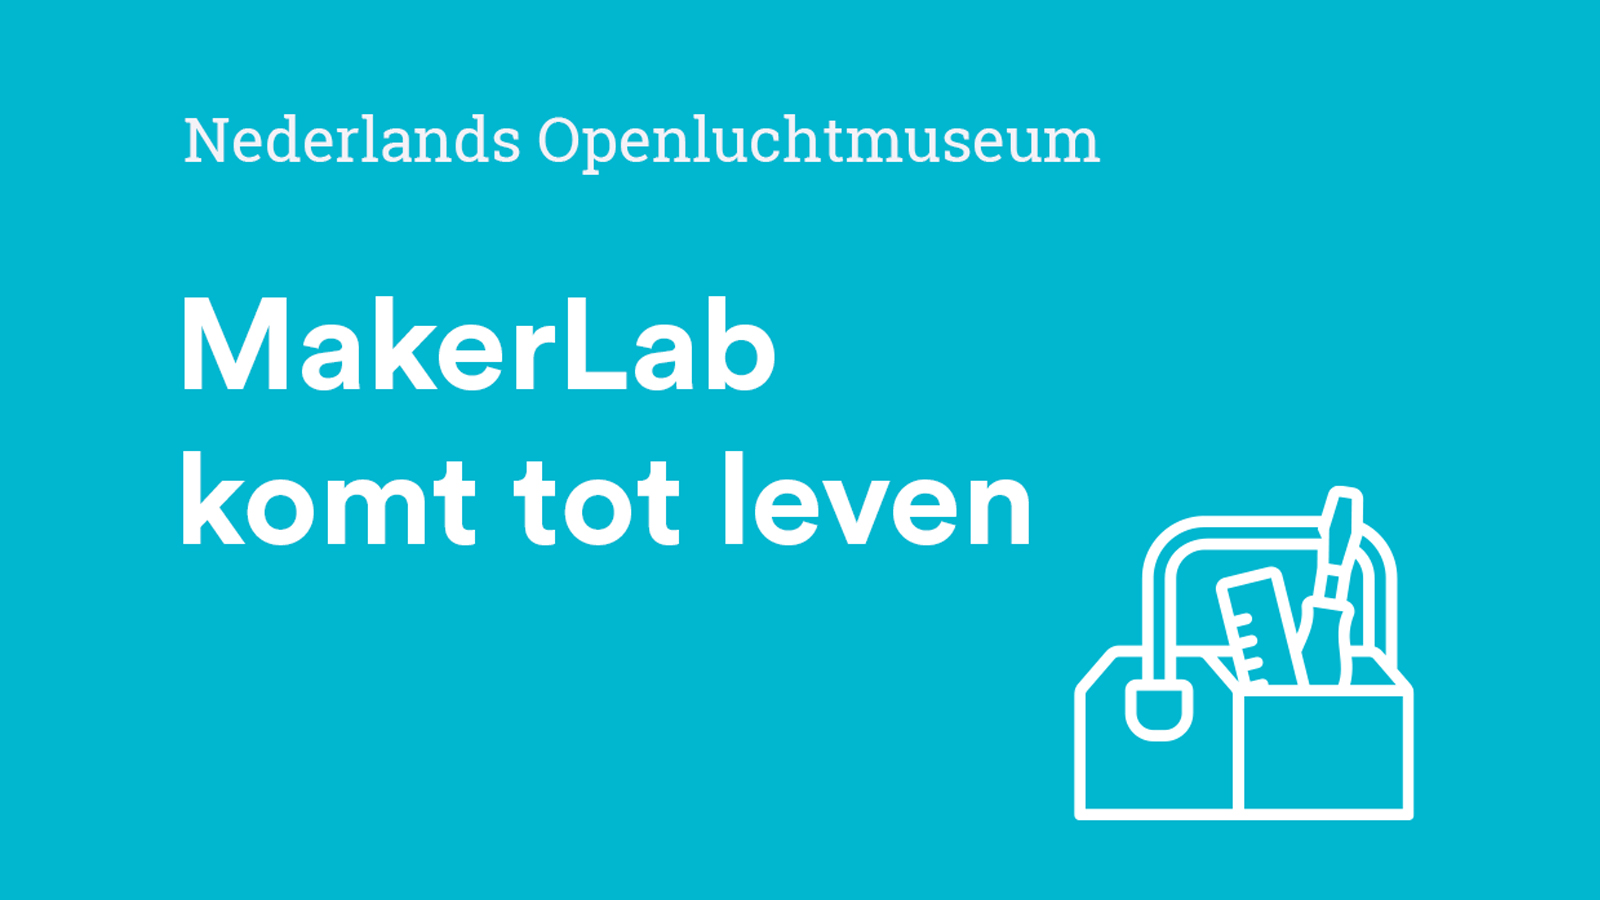 Hoera! Het MakerLab komt in het Nederlands Openluchtmuseum